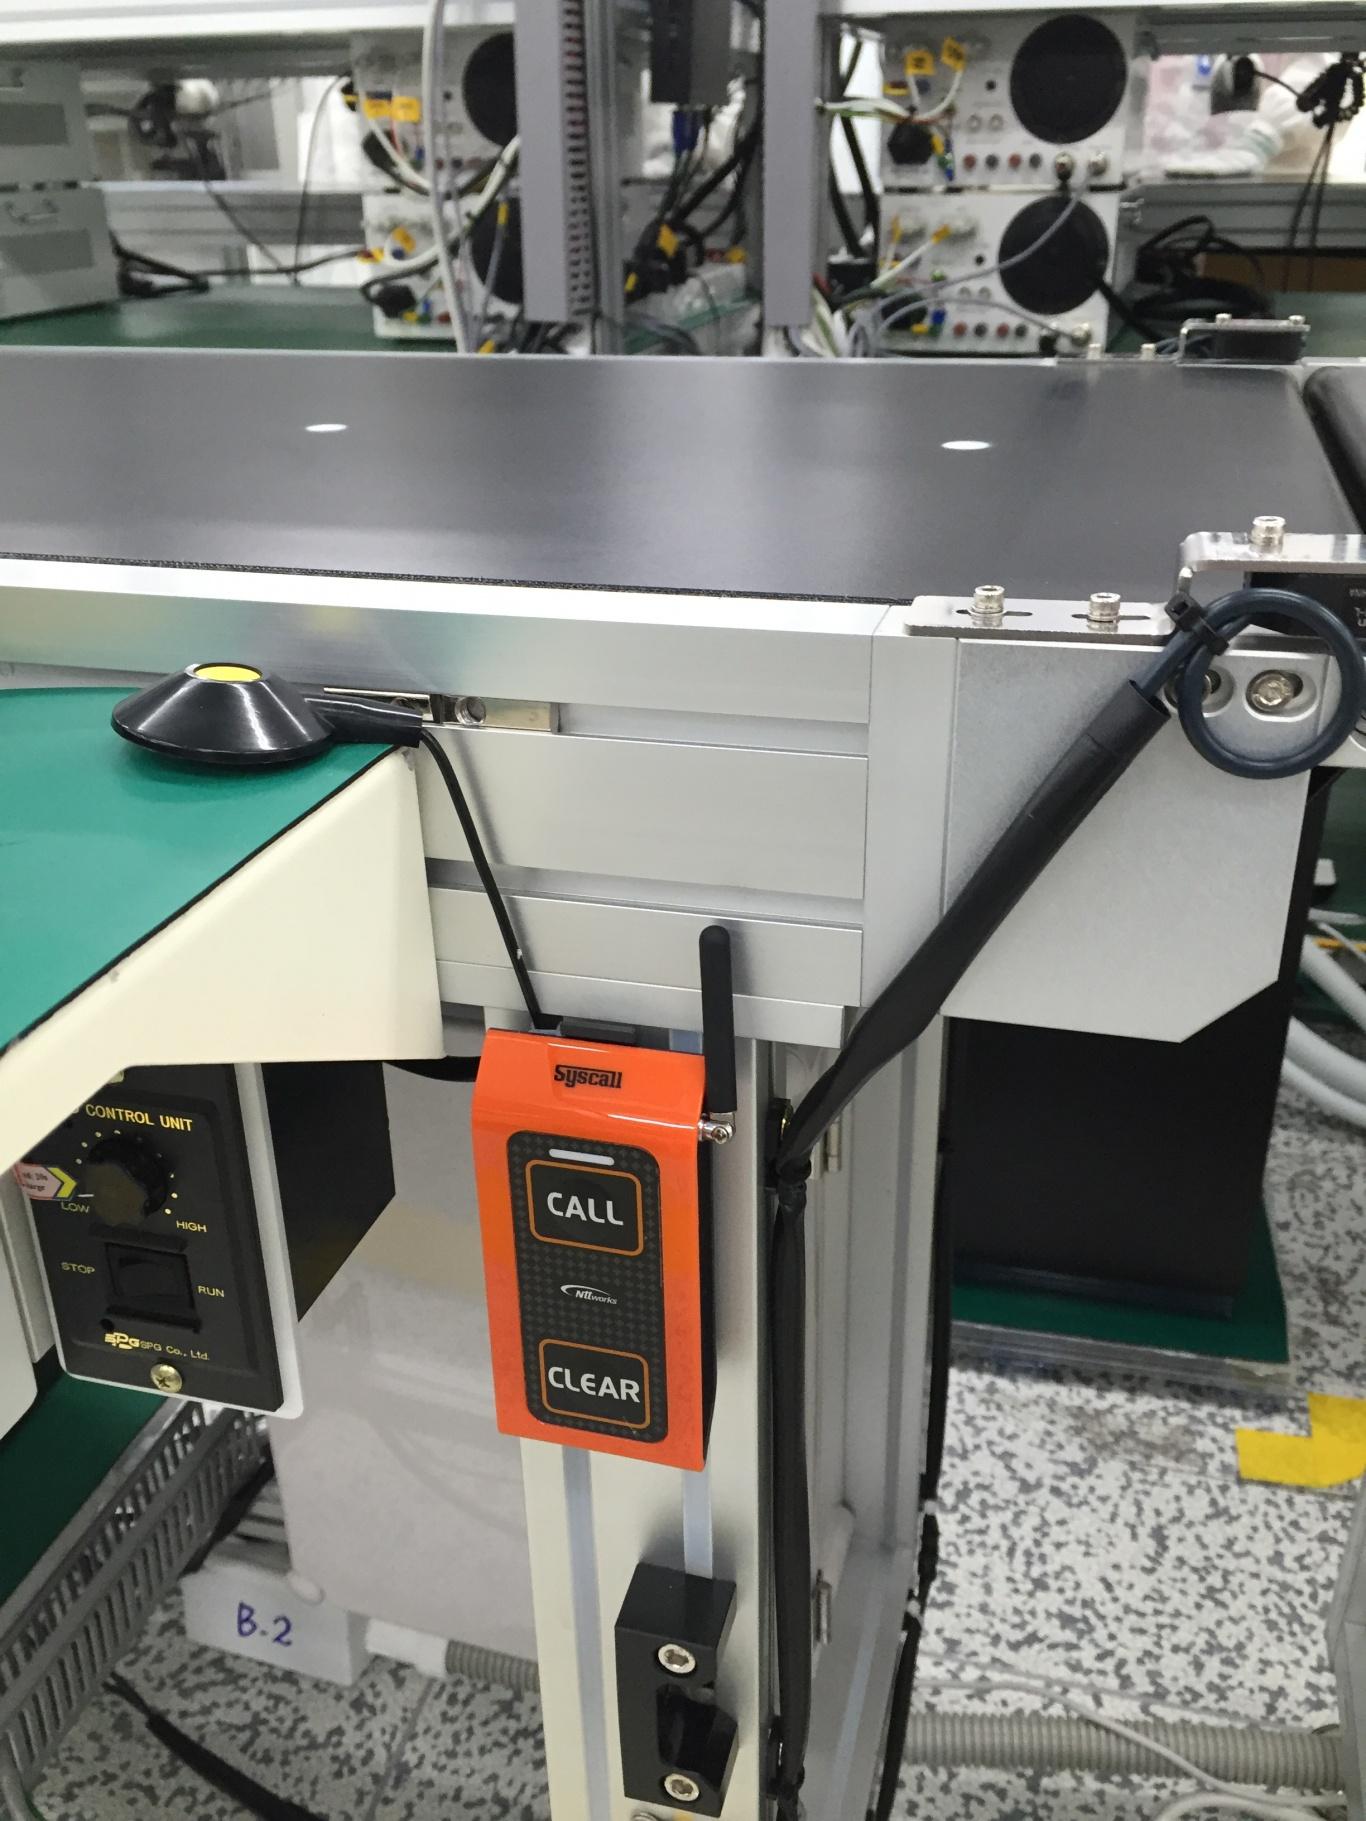 Hình ảnh nút chuông gọi phục vụ st-500 được lắp đặt tại mỗi dây truyền sản xuất  của công ty Mabuchi Motor